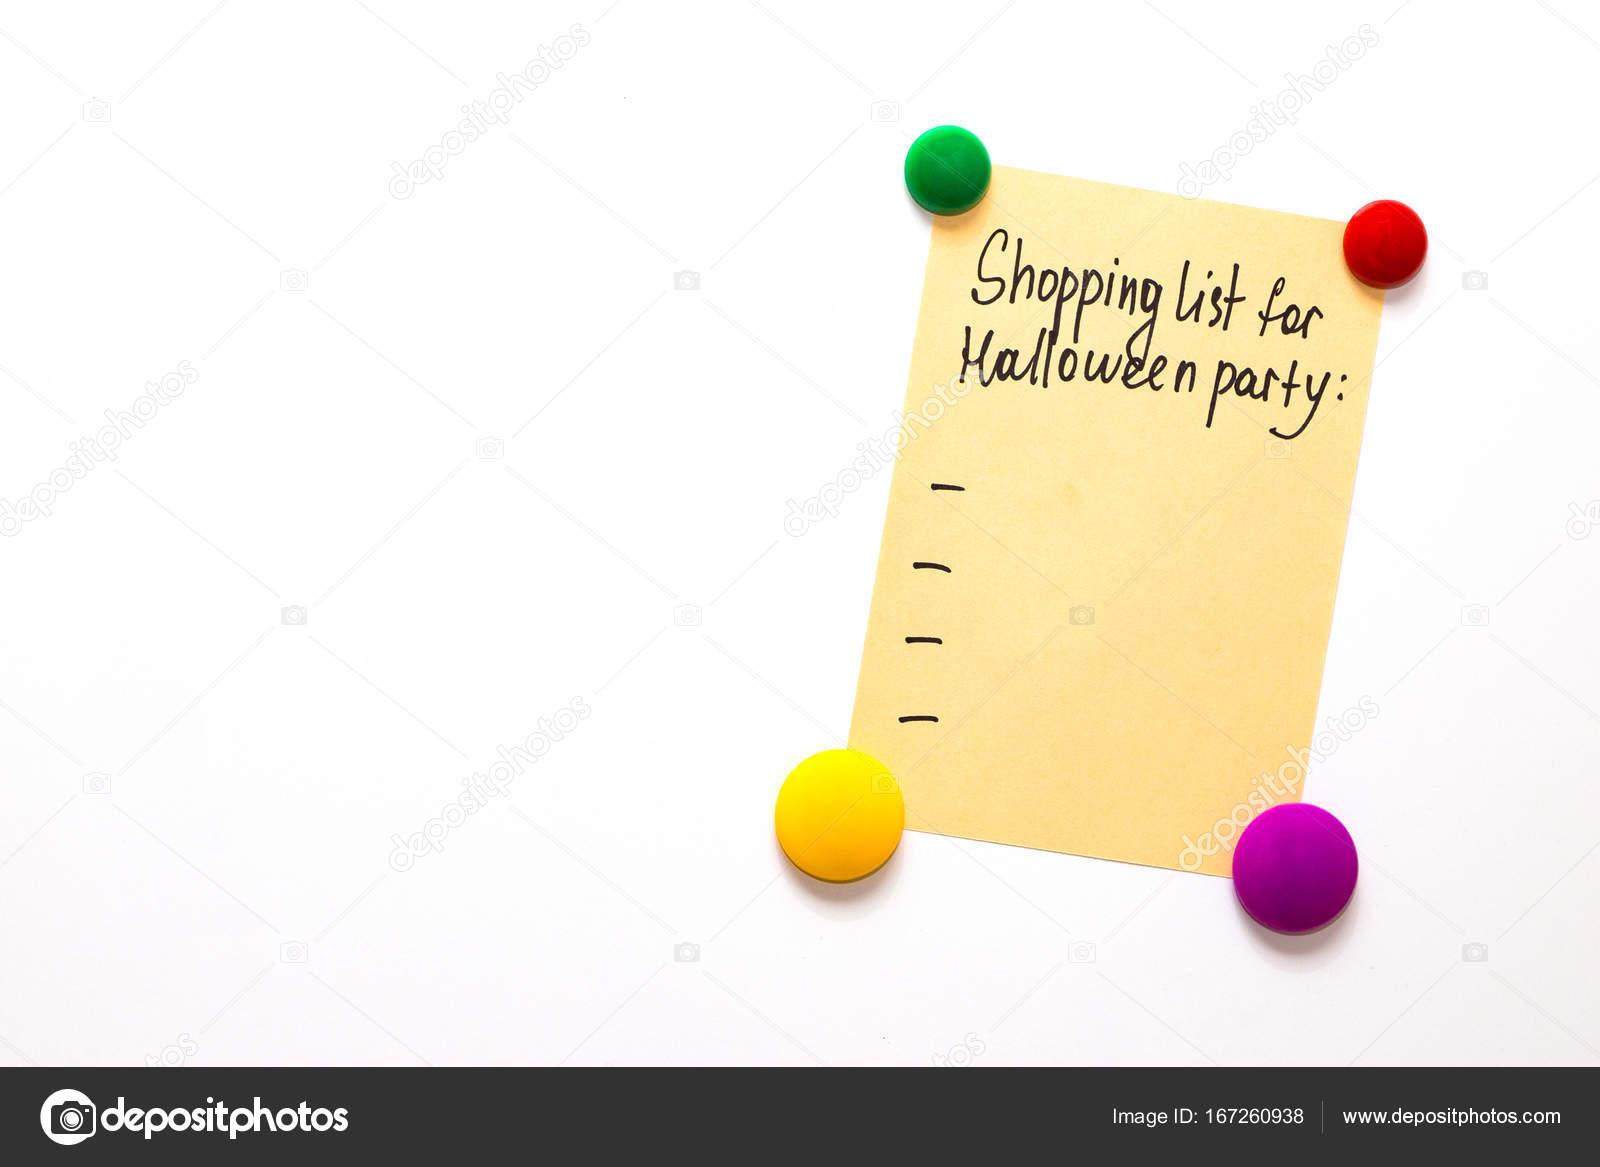 Kühlschrank Einkaufsliste Magnet : Kühlschrank hinweis mit dem text: einkaufsliste für halloween party